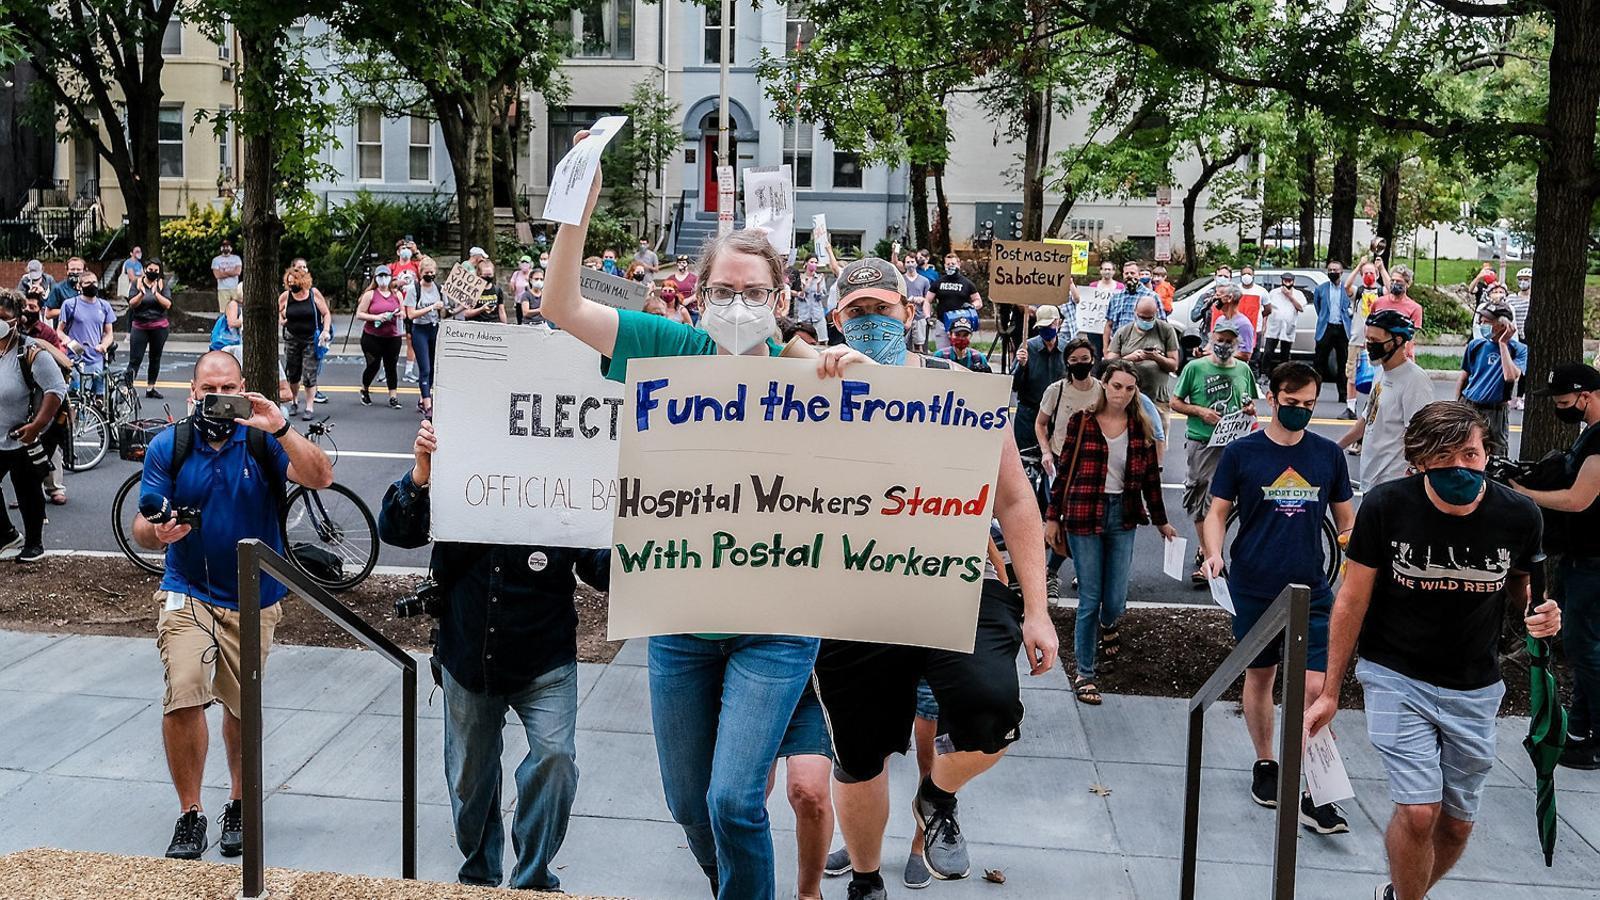 Polèmica als EUA pel vot per correu a les presidencials